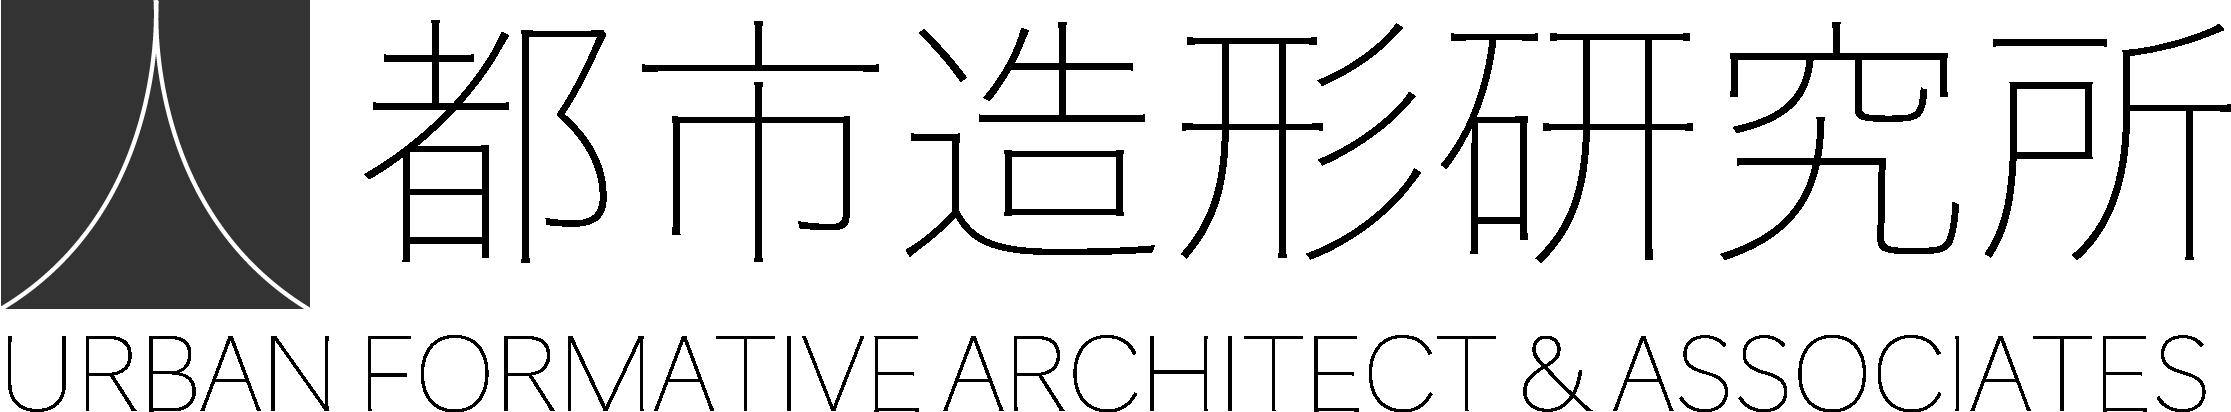 名古屋・岐阜・三重・静岡の建築設計・都市計画・建築コンサルタントなら株式会社都市造形研究所